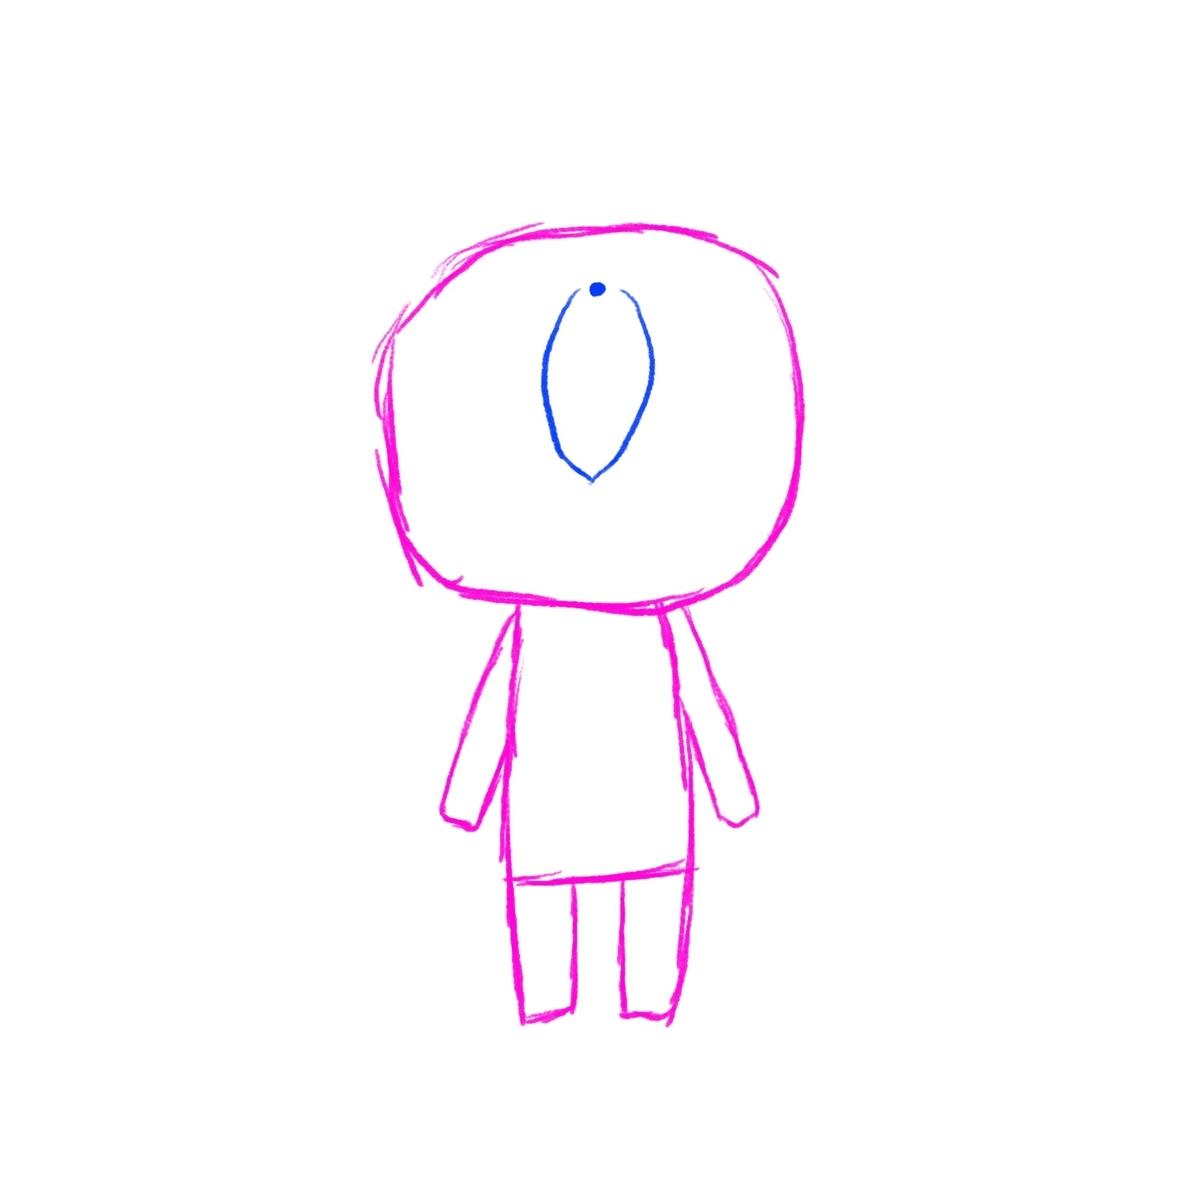 f:id:redberry072169:20190615182747j:plain